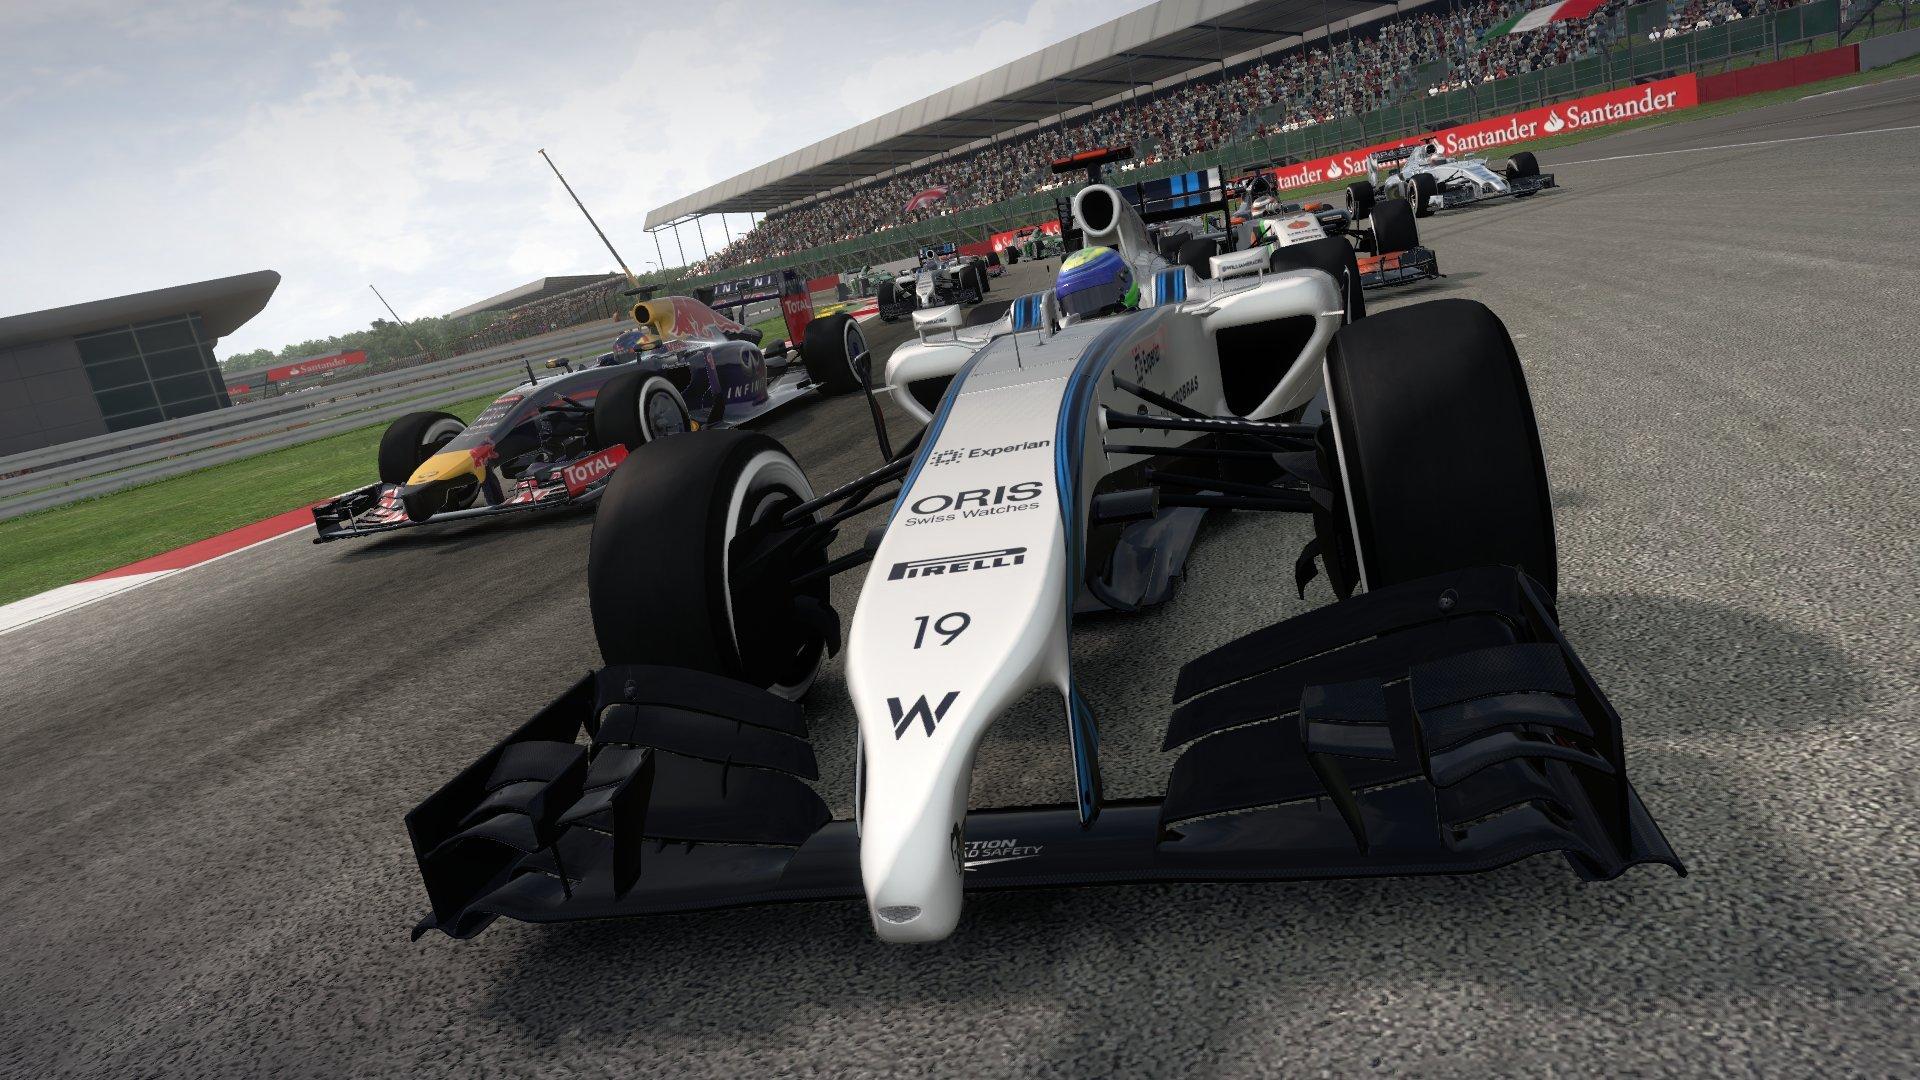 F1 2014 (Formula 1) - PlayStation 3 by Bandai (Image #3)